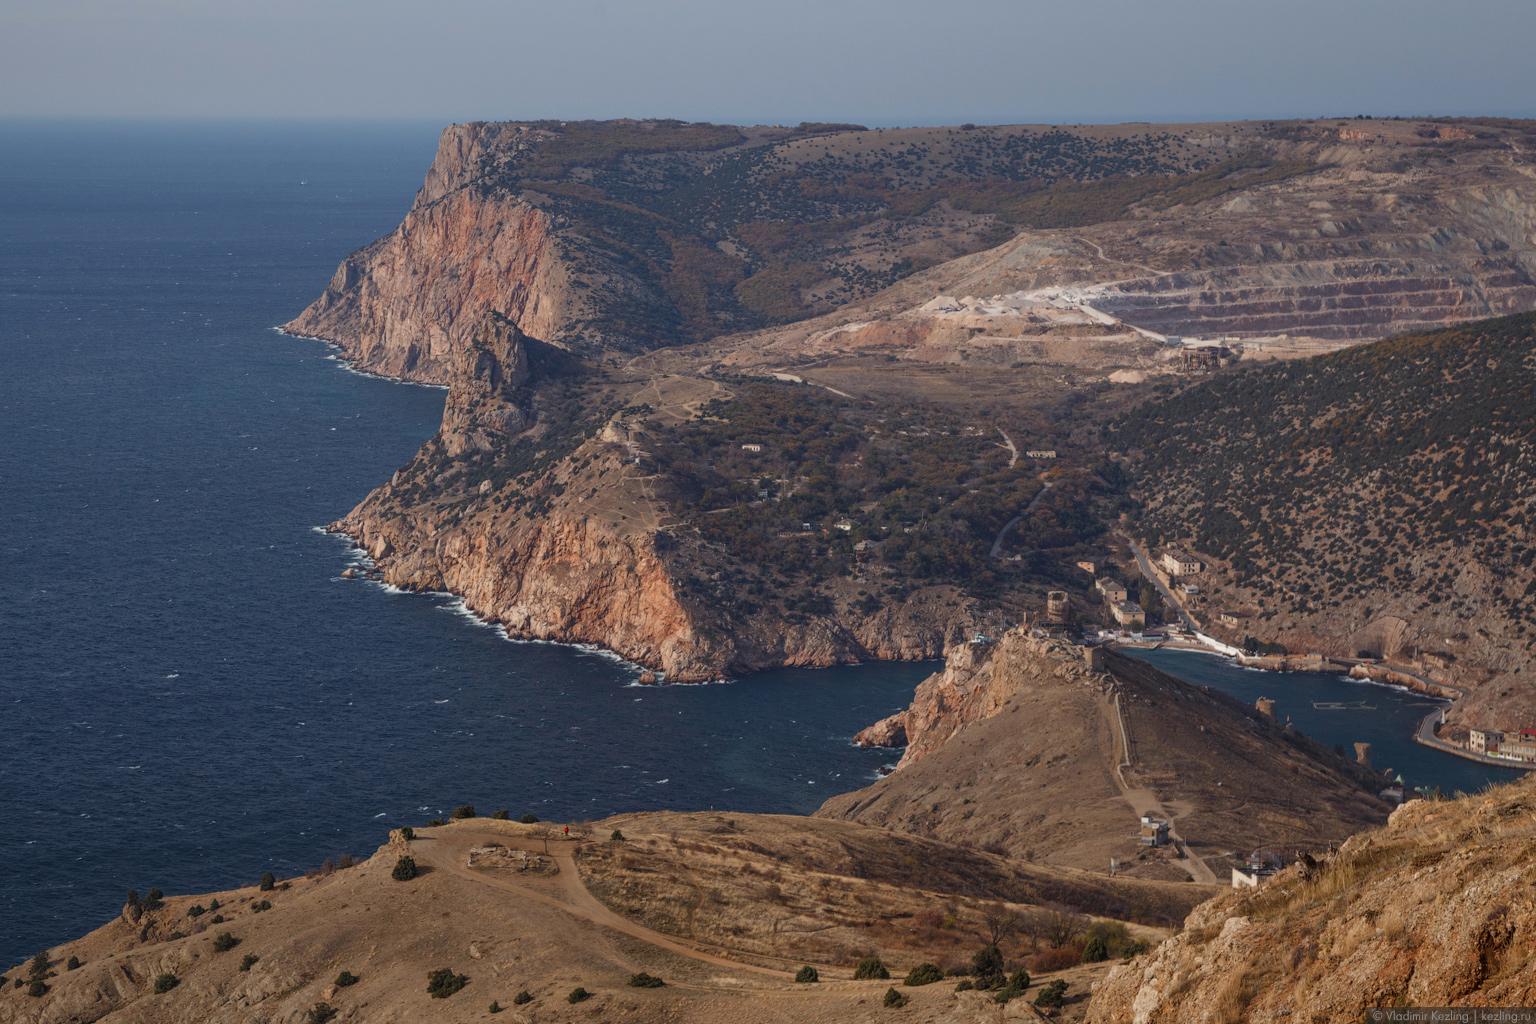 Крым в межсезонье. Балаклава со всех сторон